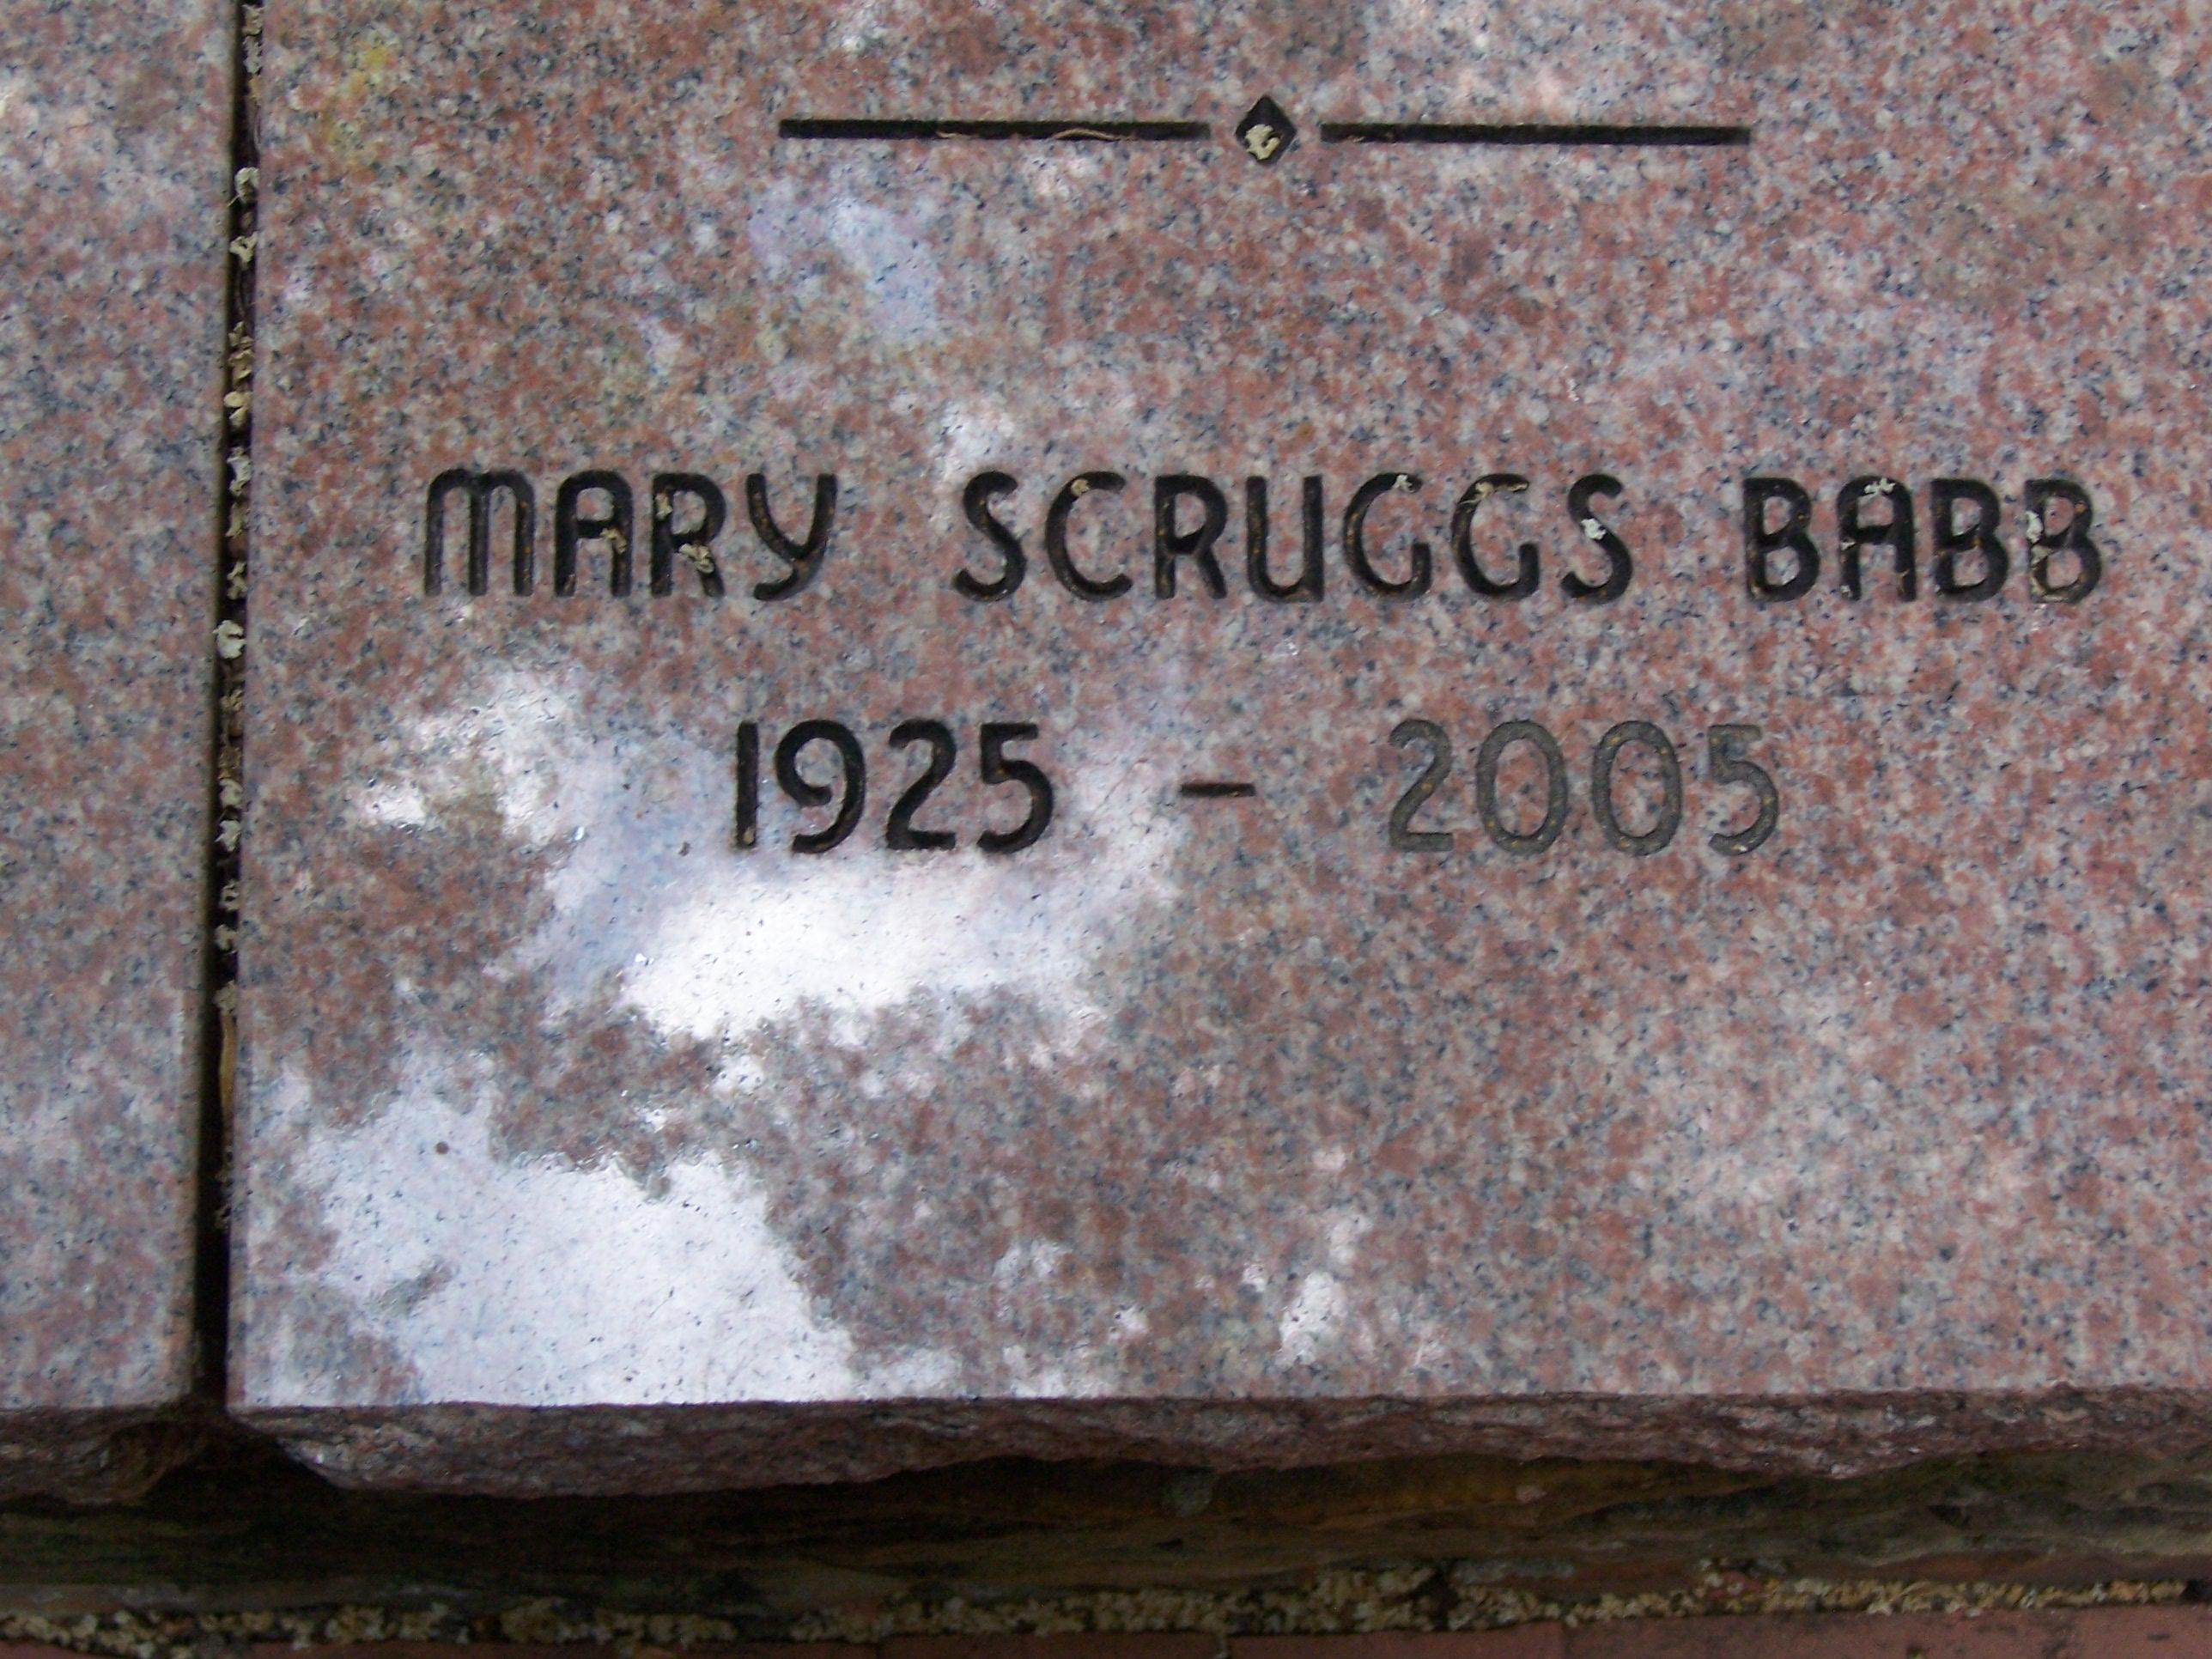 Mary <i>Scruggs</i> Babb